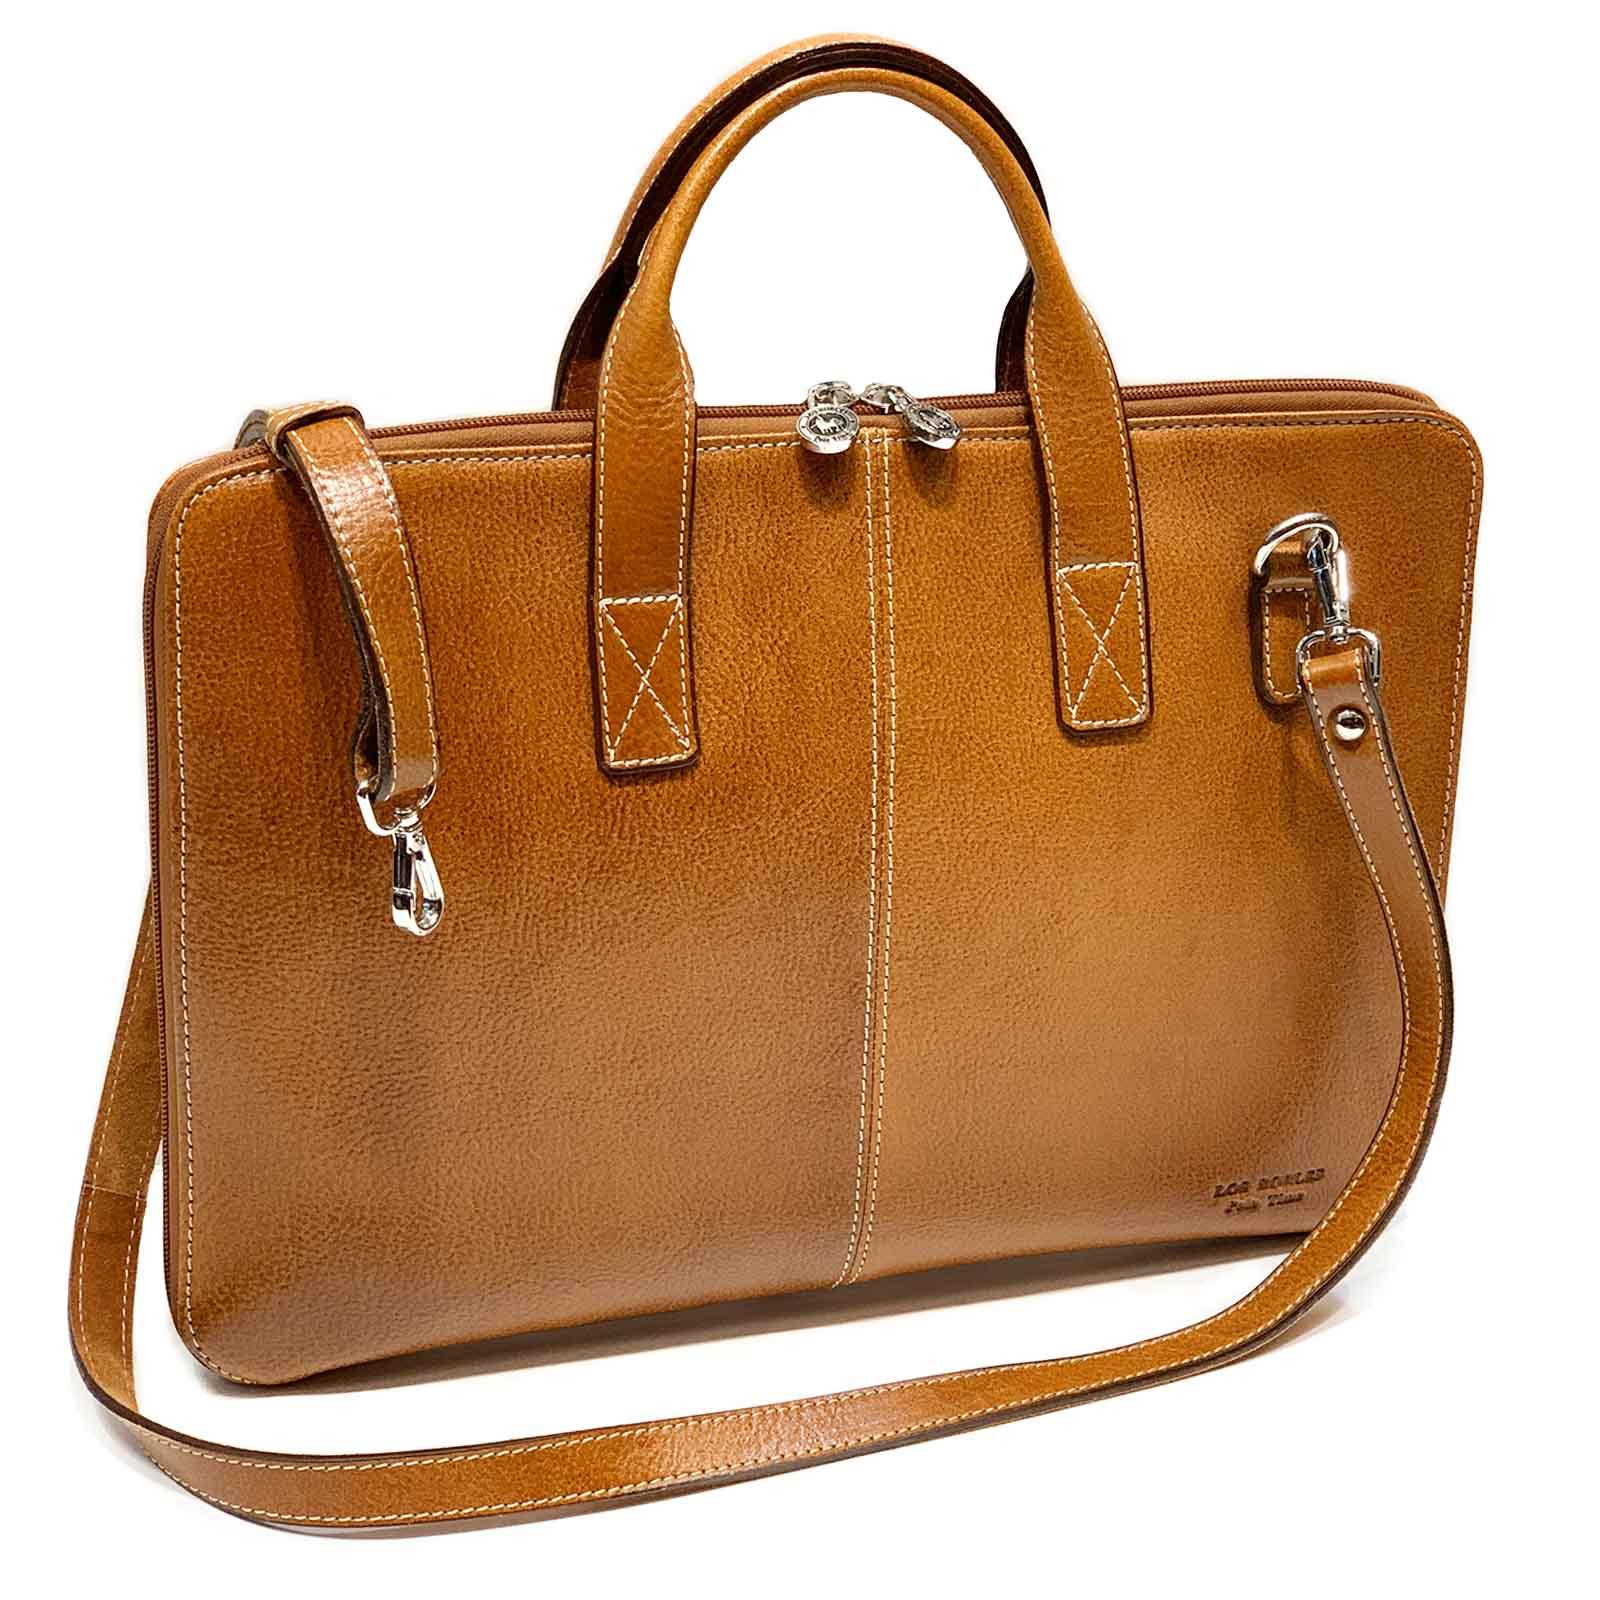 maletines-portafolios-de-cuero-ejecutivos-hombre-mujer-109054a.jpg